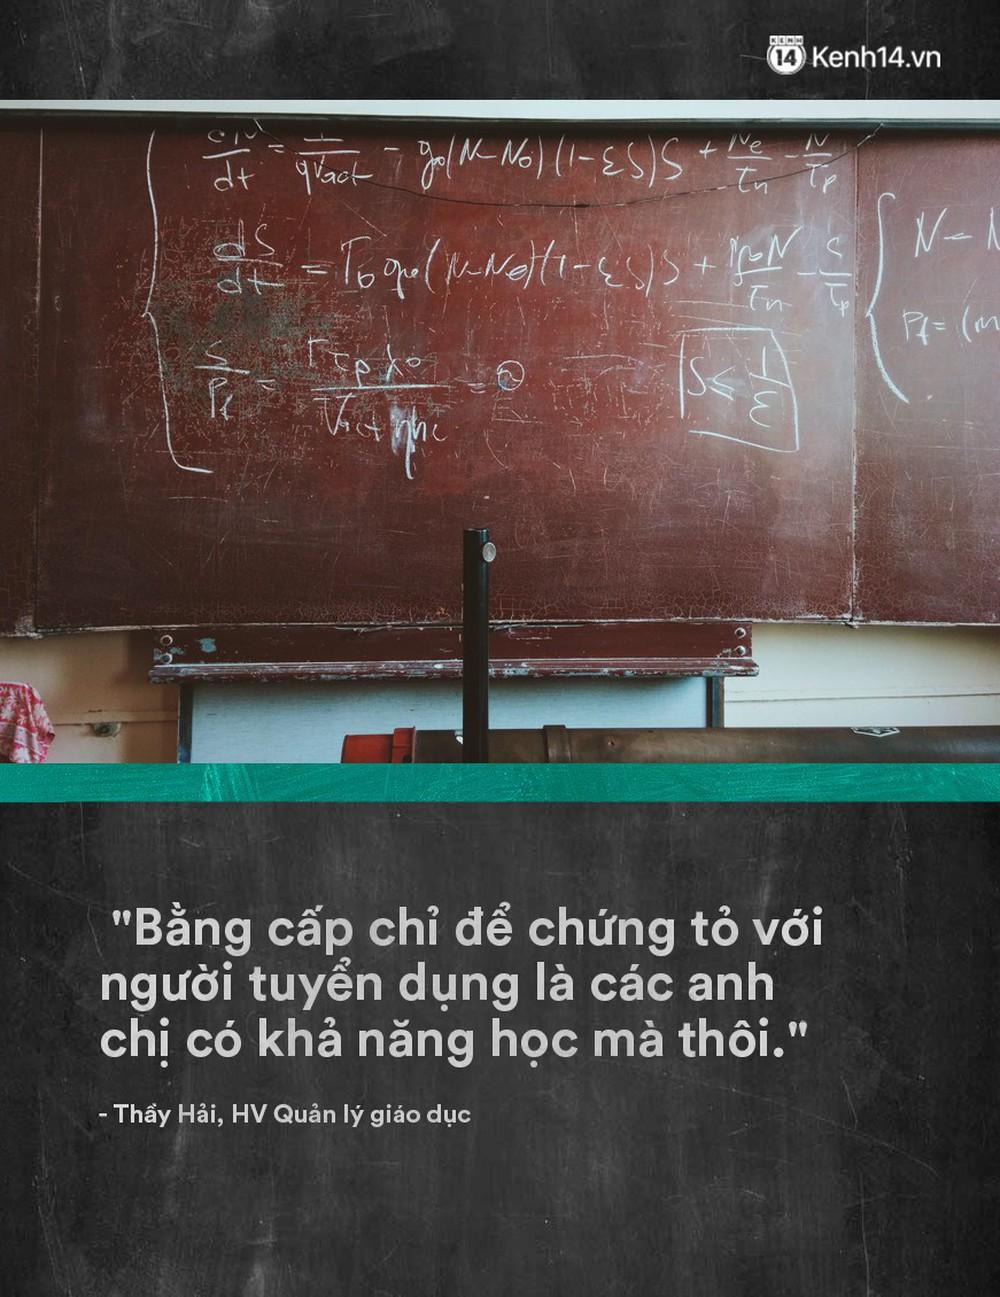 Loạt phát ngôn bá đạo của các thầy cô khiến học sinh chỉ biết câm nín - Ảnh 9.